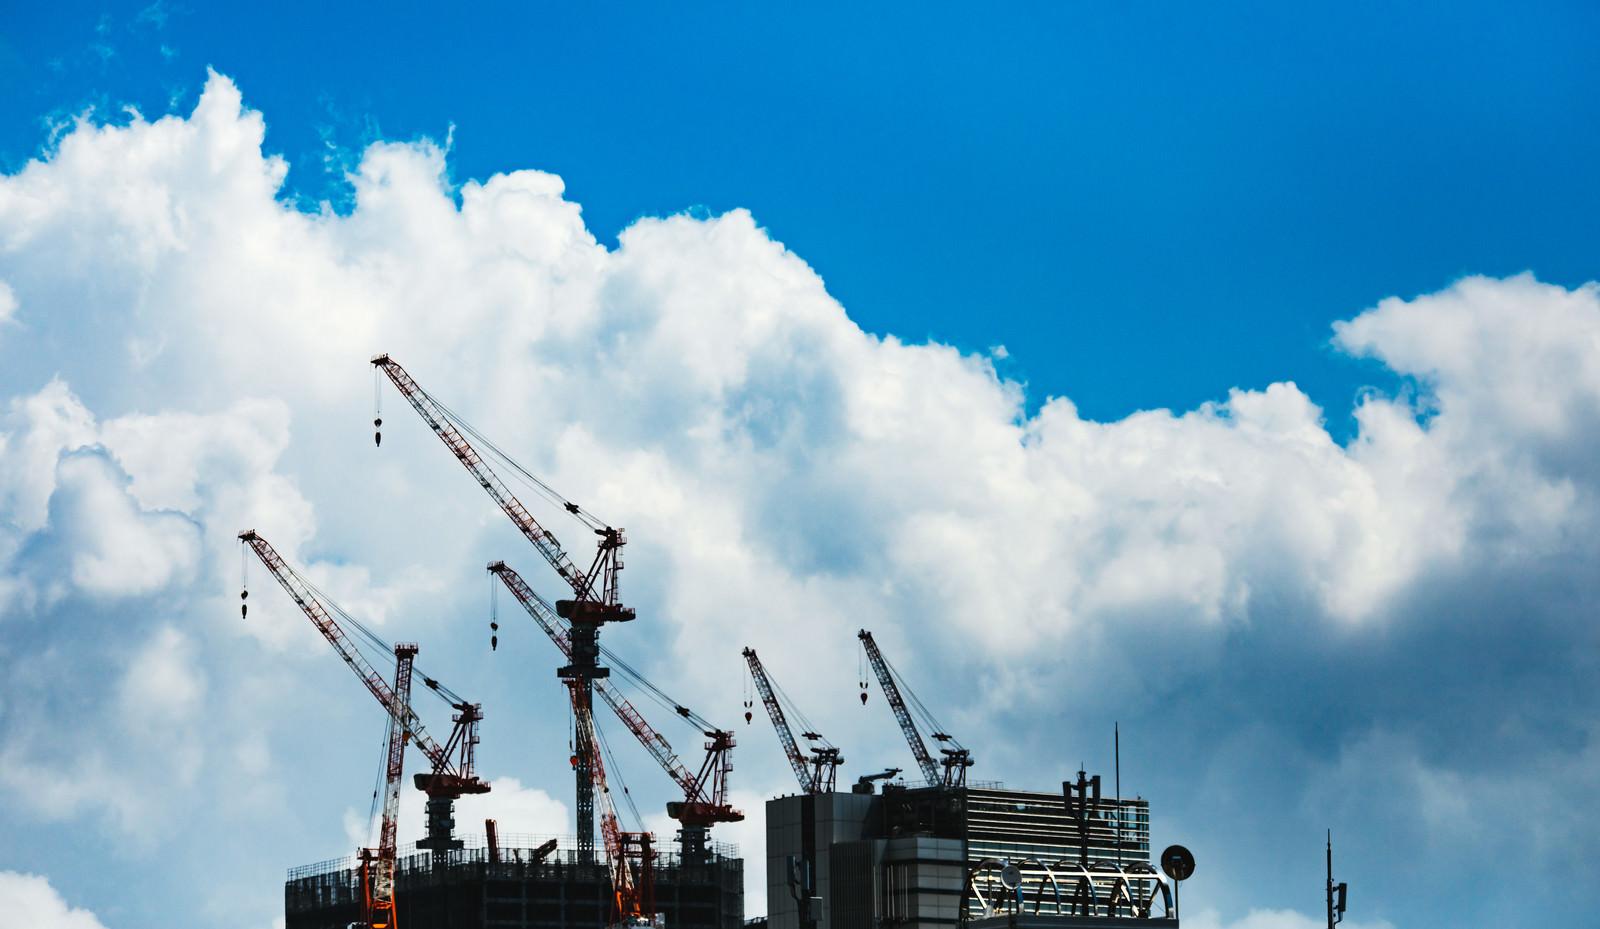 「真夏の建設現場(クレーン) | 写真の無料素材・フリー素材 - ぱくたそ」の写真